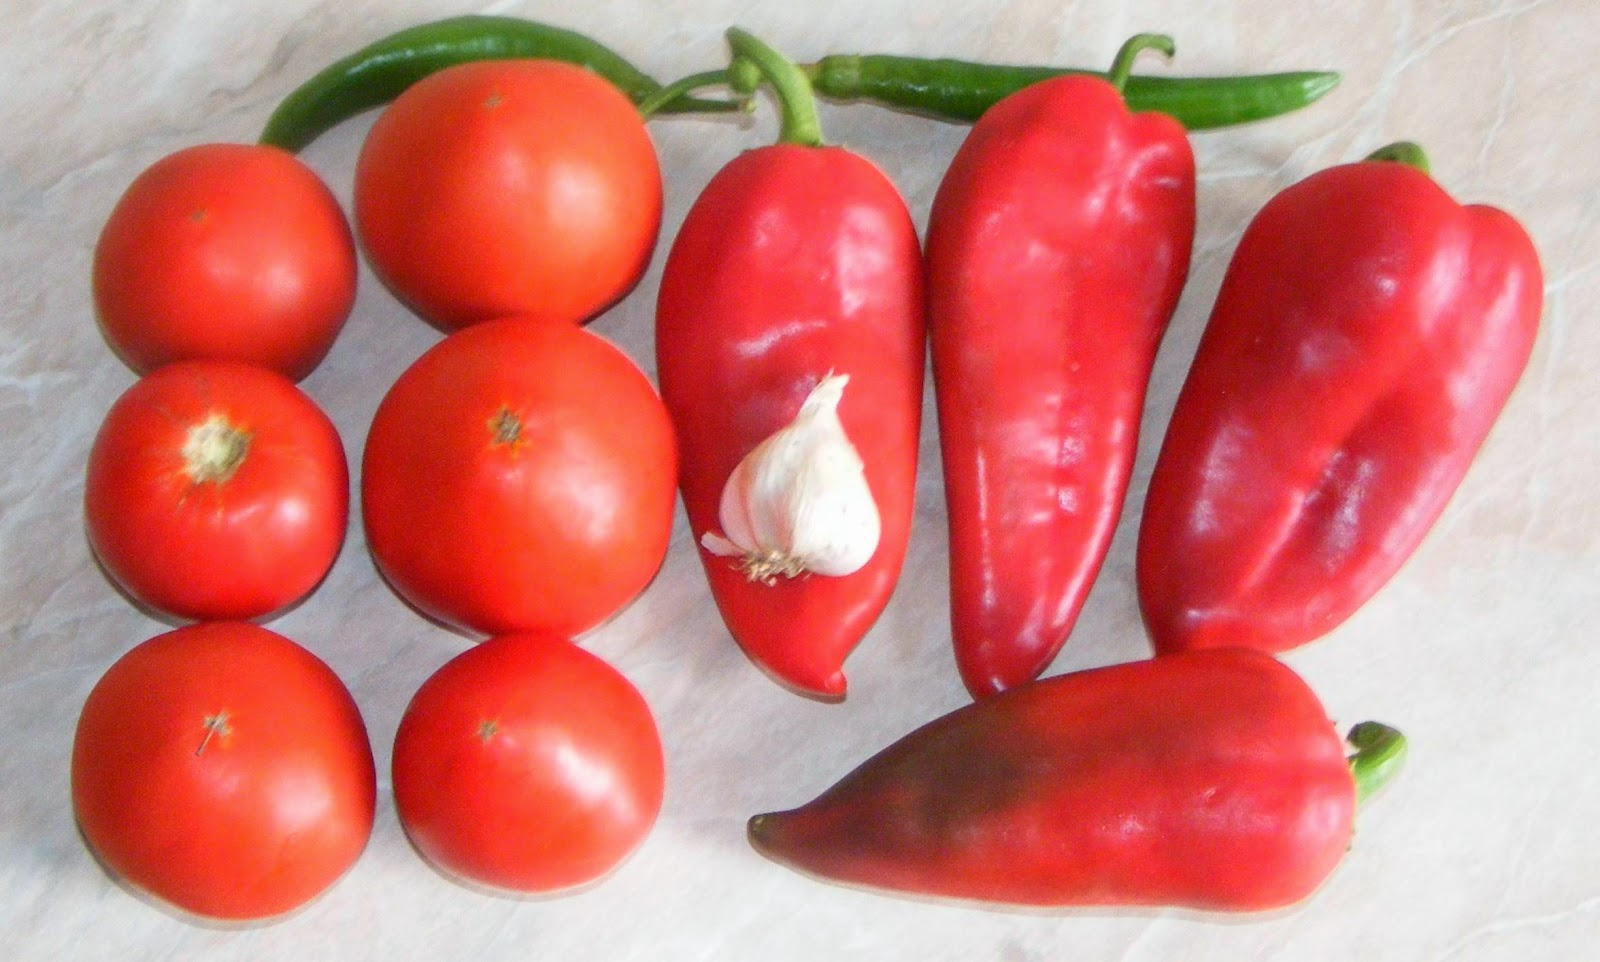 legume, legume pentru saramura de peste, rosii, rosii pentru saramurade peste, rosii pentru gratar, ardei, ardei kapia, ardei kapia pentru saramura de peste, ardei kapia pentru gratar, retete cu legume, retete si preparate culinare legume la gratar,